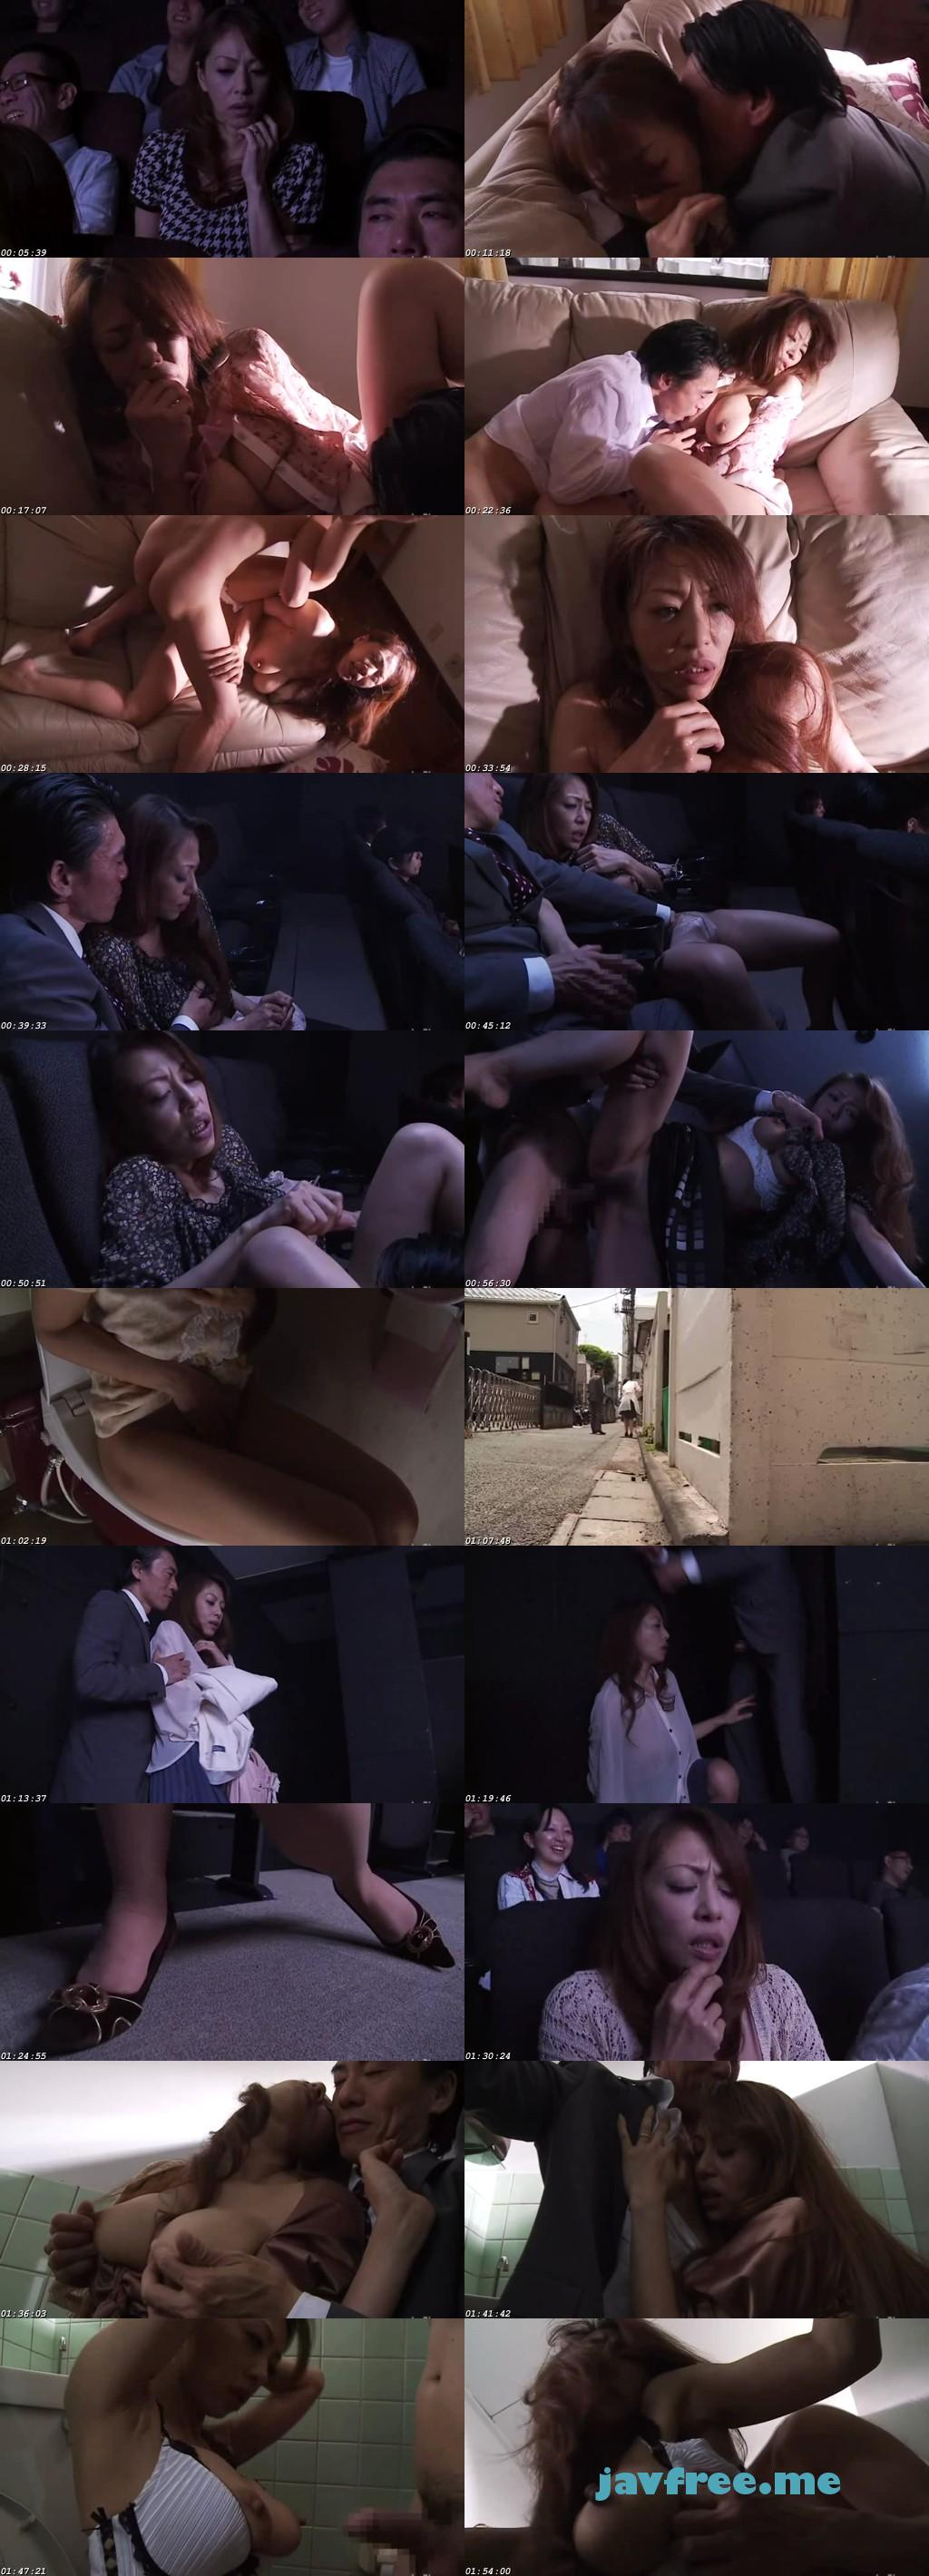 [RBD 438] 痴漢映画館 4 こんな所で…なのに、なのに私ったら…! 麻生早苗 麻生早苗 RBD